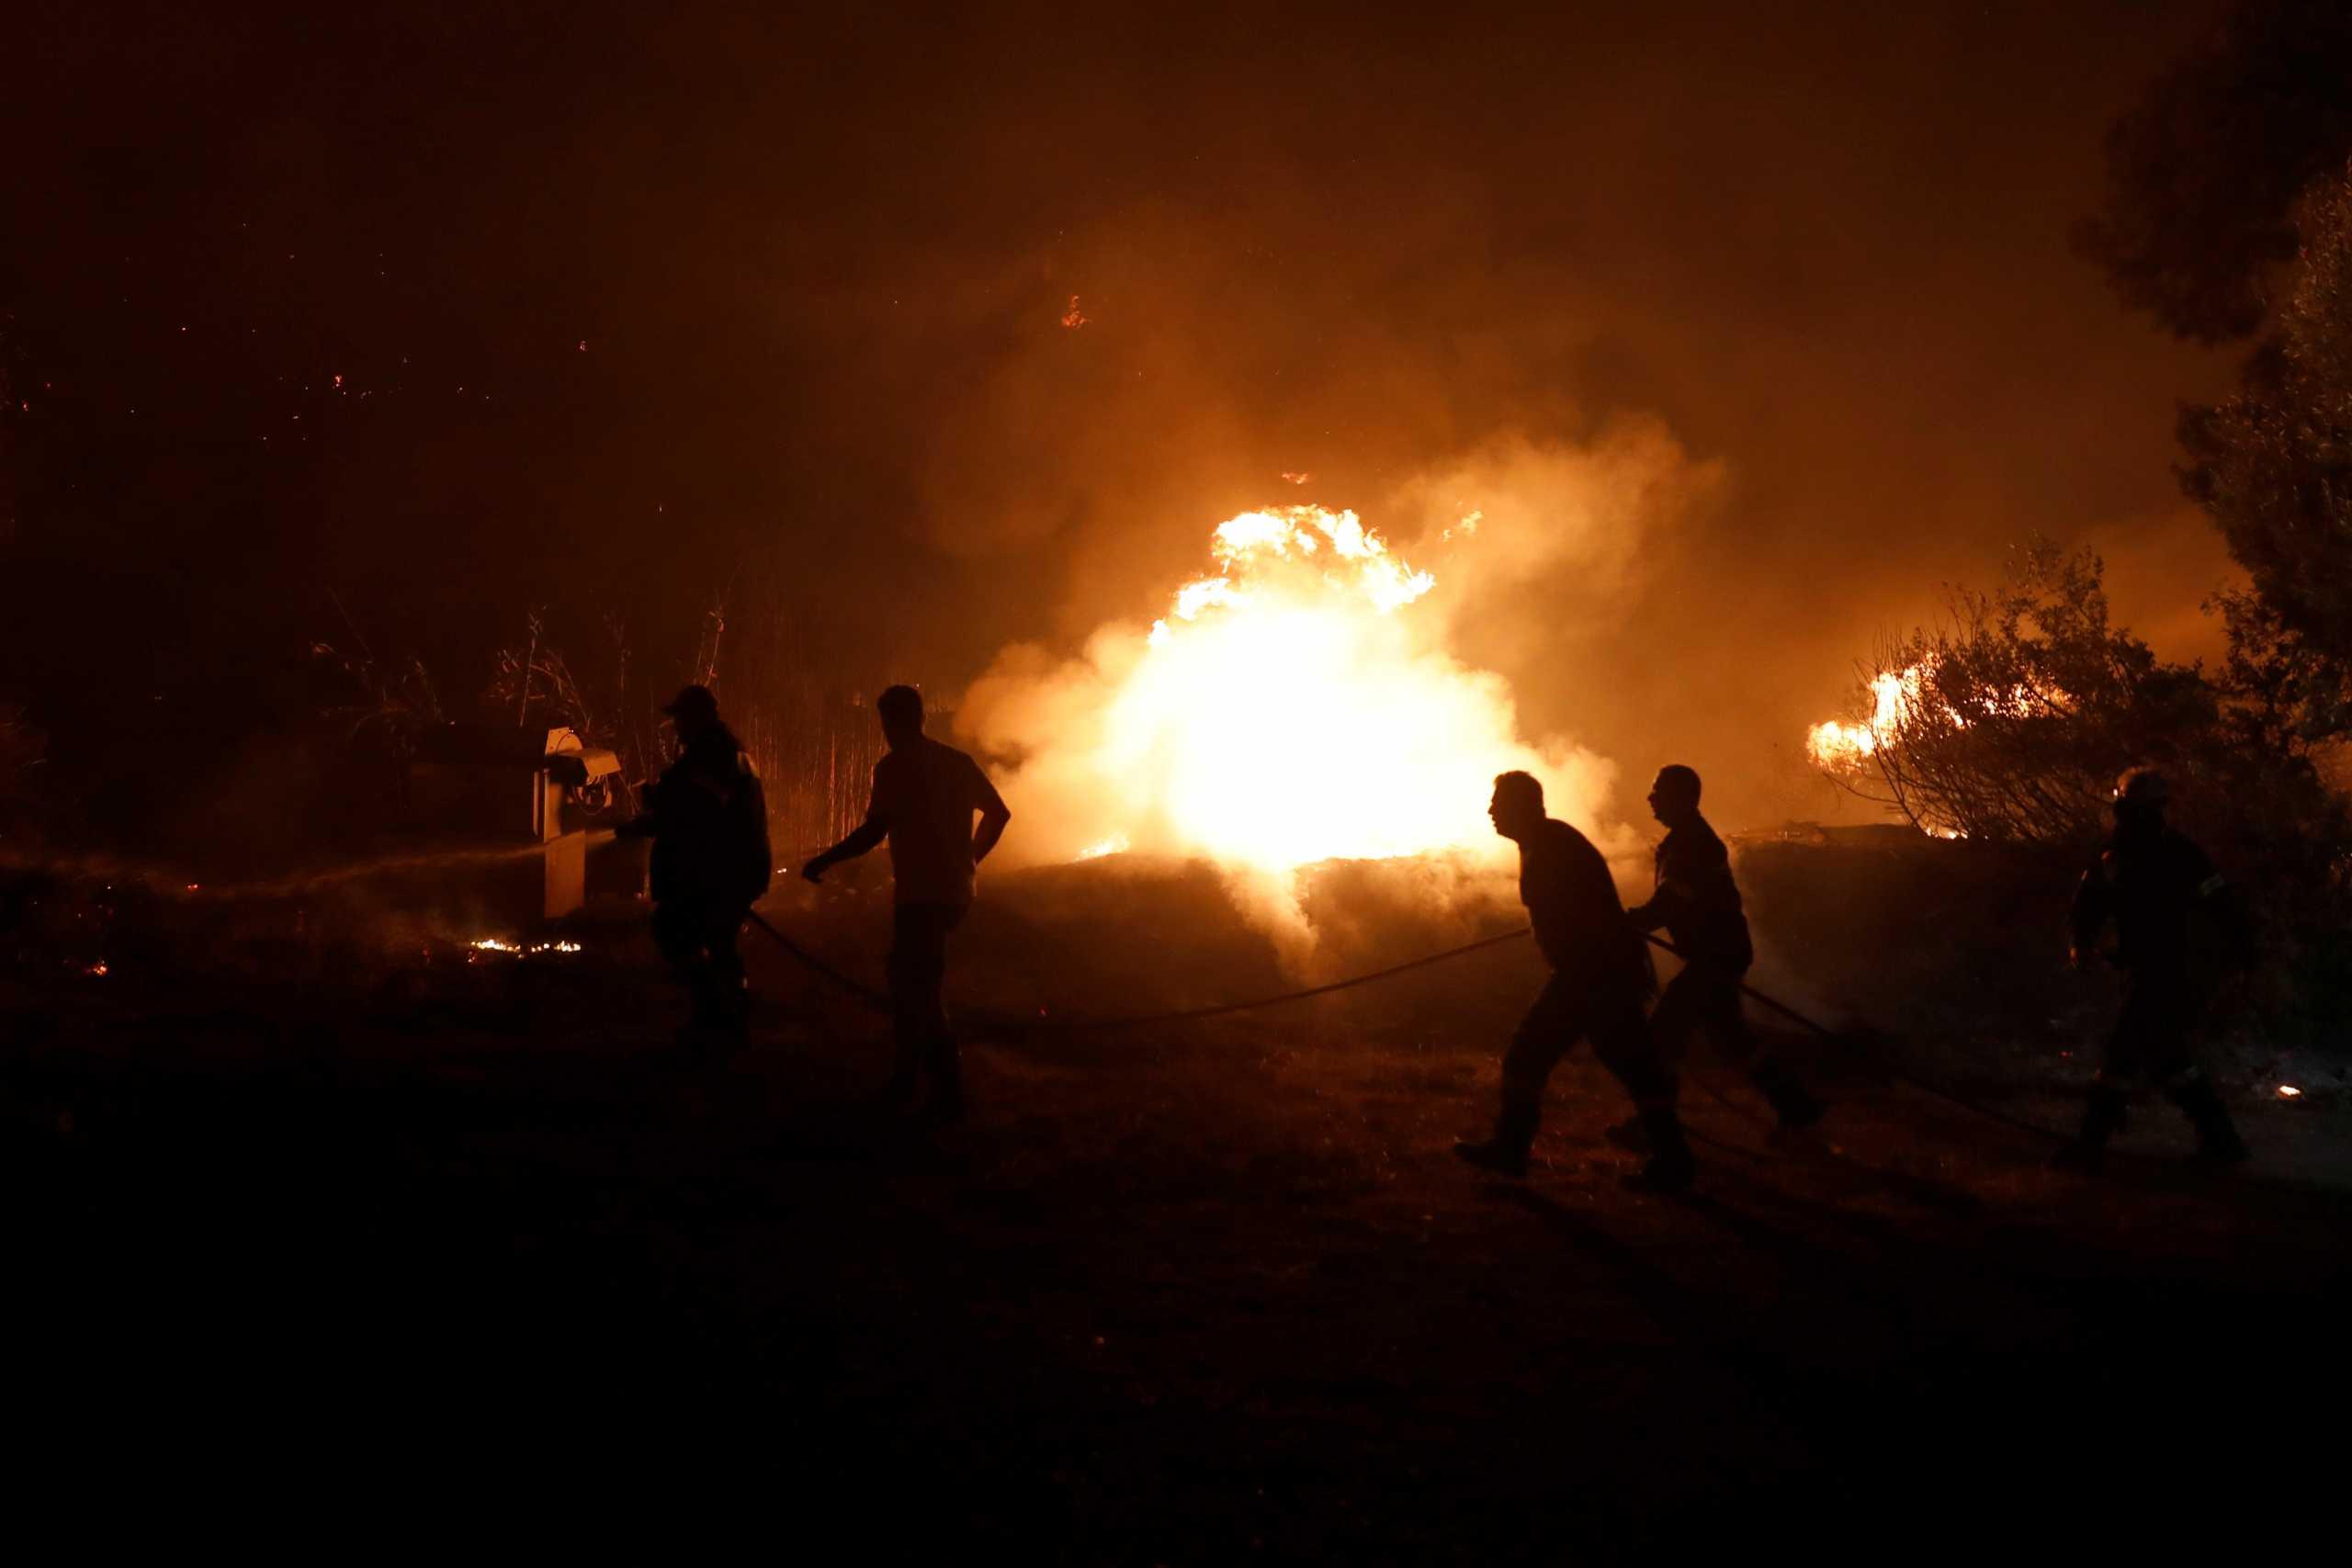 Φωτιά στην Εύβοια: Κλιμάκια ψυχολόγων και κοινωνικών λειτουργών στην περιοχή για τους πληγέντες